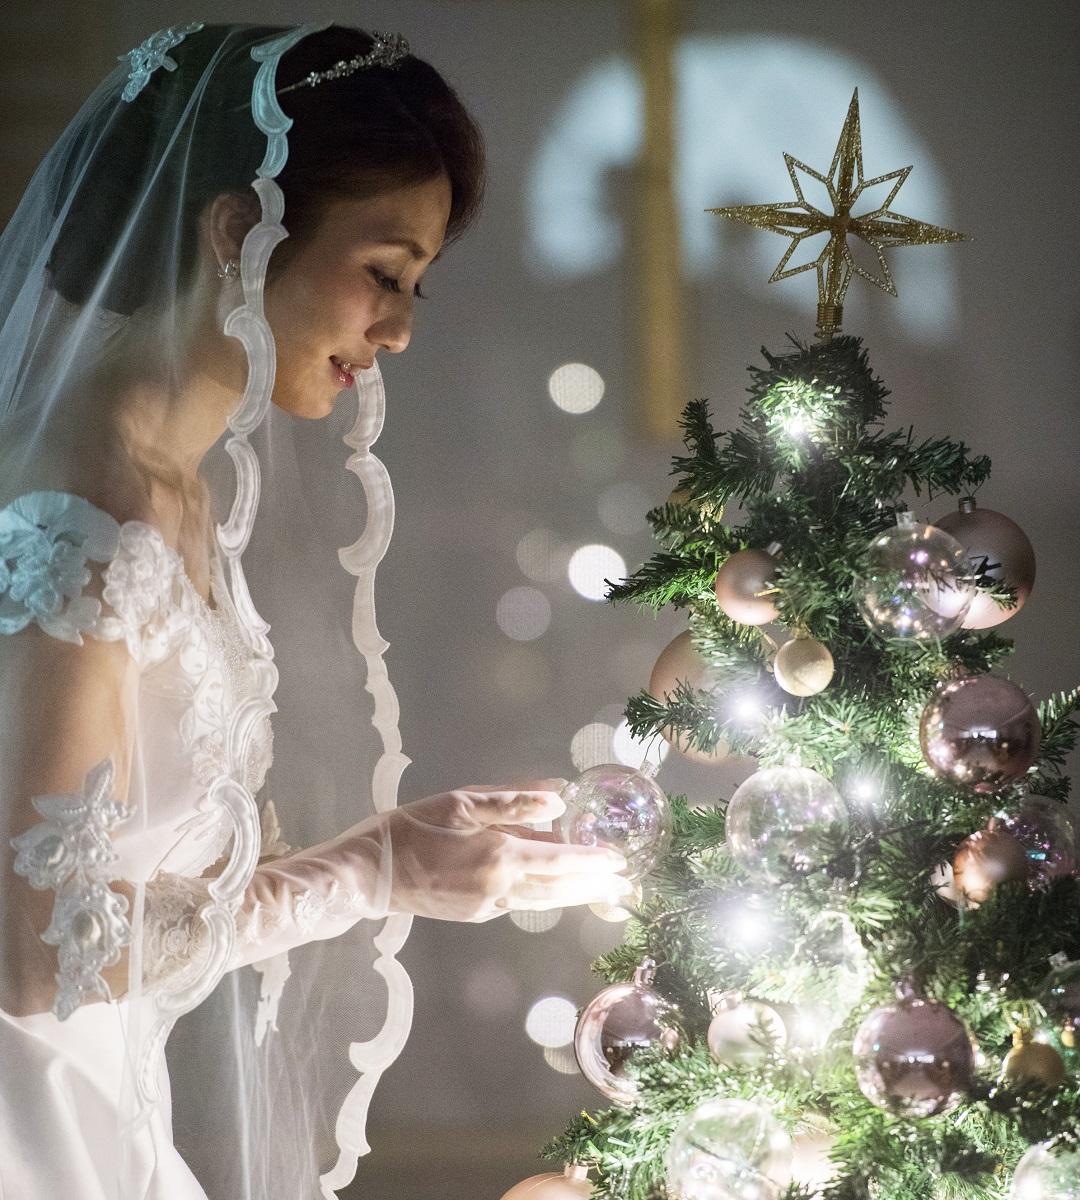 【12~3月限定!!】予算を抑えるなら冬季がお得♪ドレス特典付フェア♪